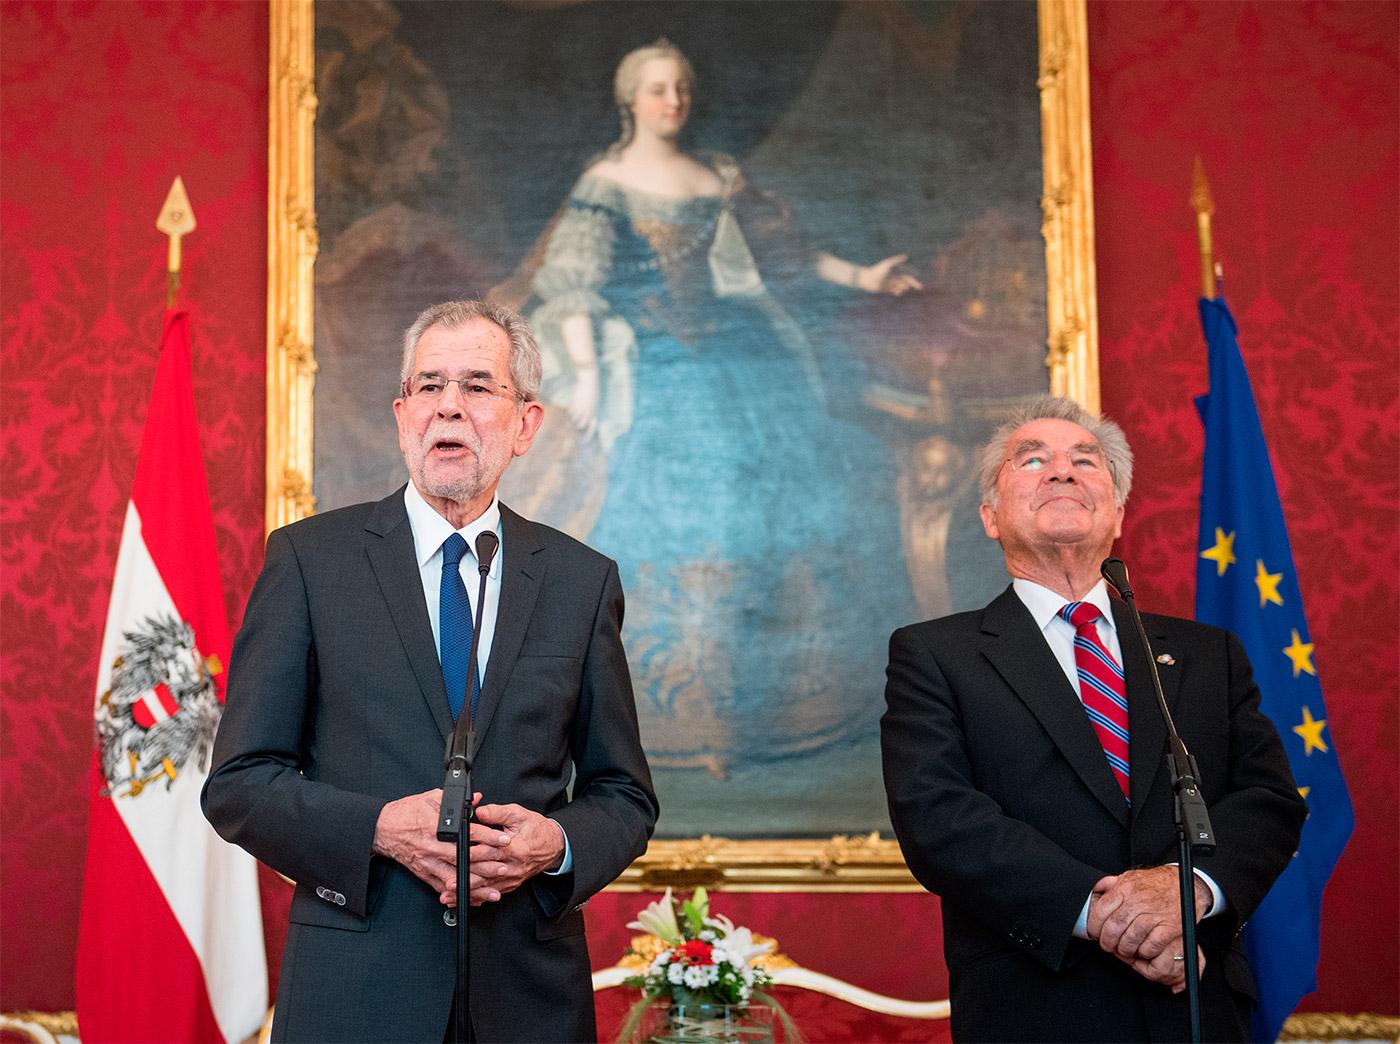 Избранный президент Австрии Александер ван дер Беллен даже консервативнее, чем его предшественник на посту Президента Австрии Хайнц Фишер (на фото справа).